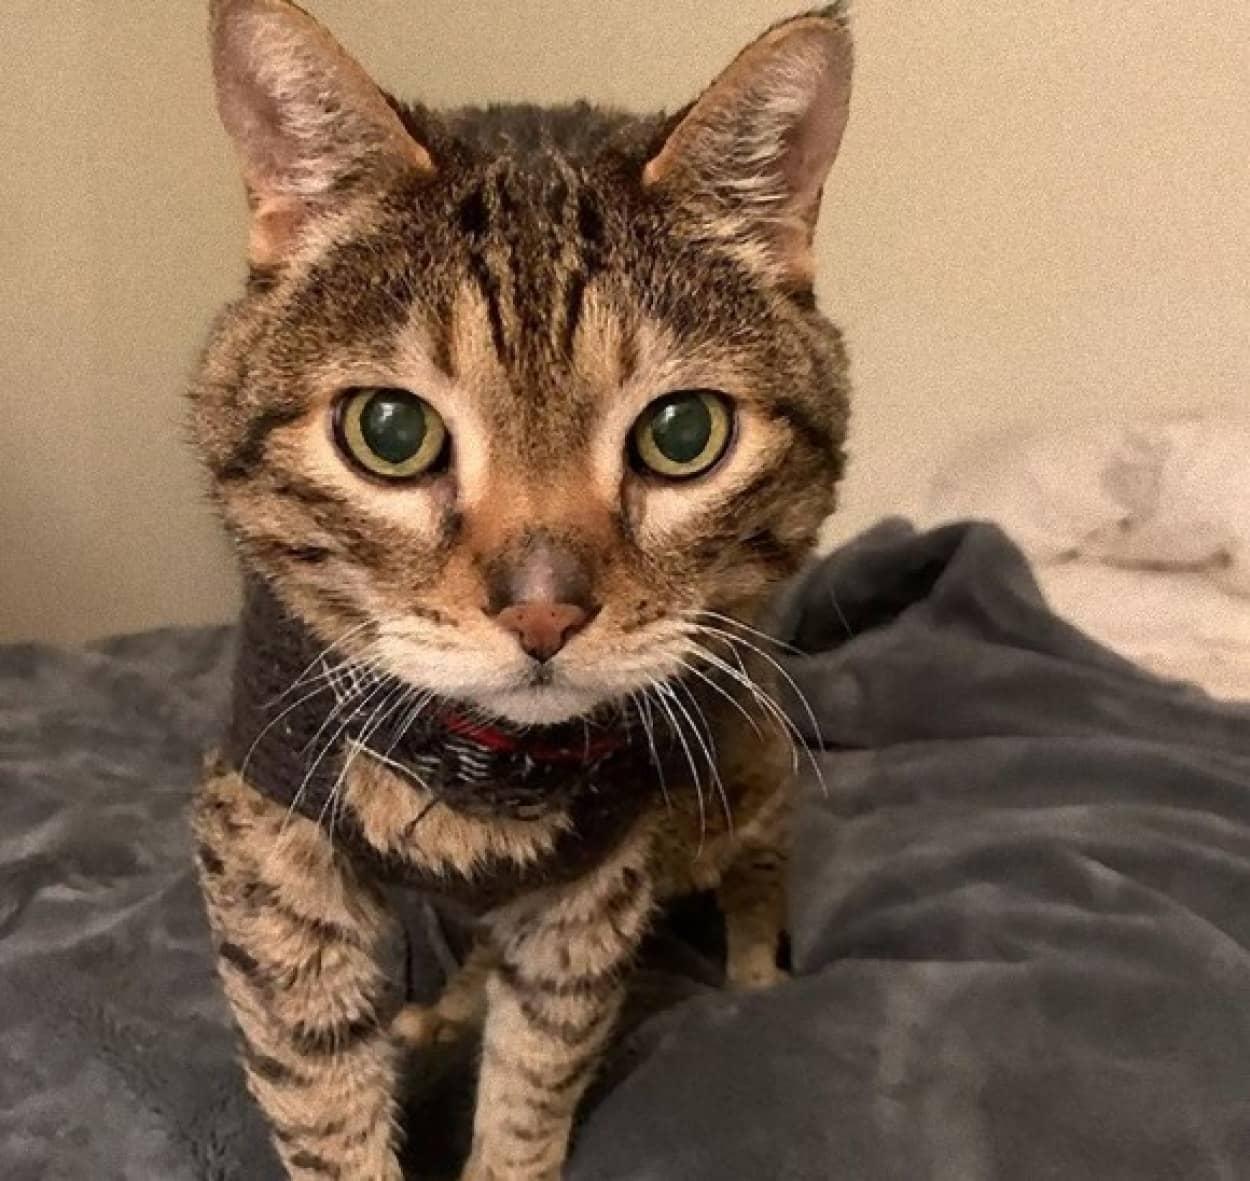 お気に入りのセーターを脱がせると鳴き続ける老猫